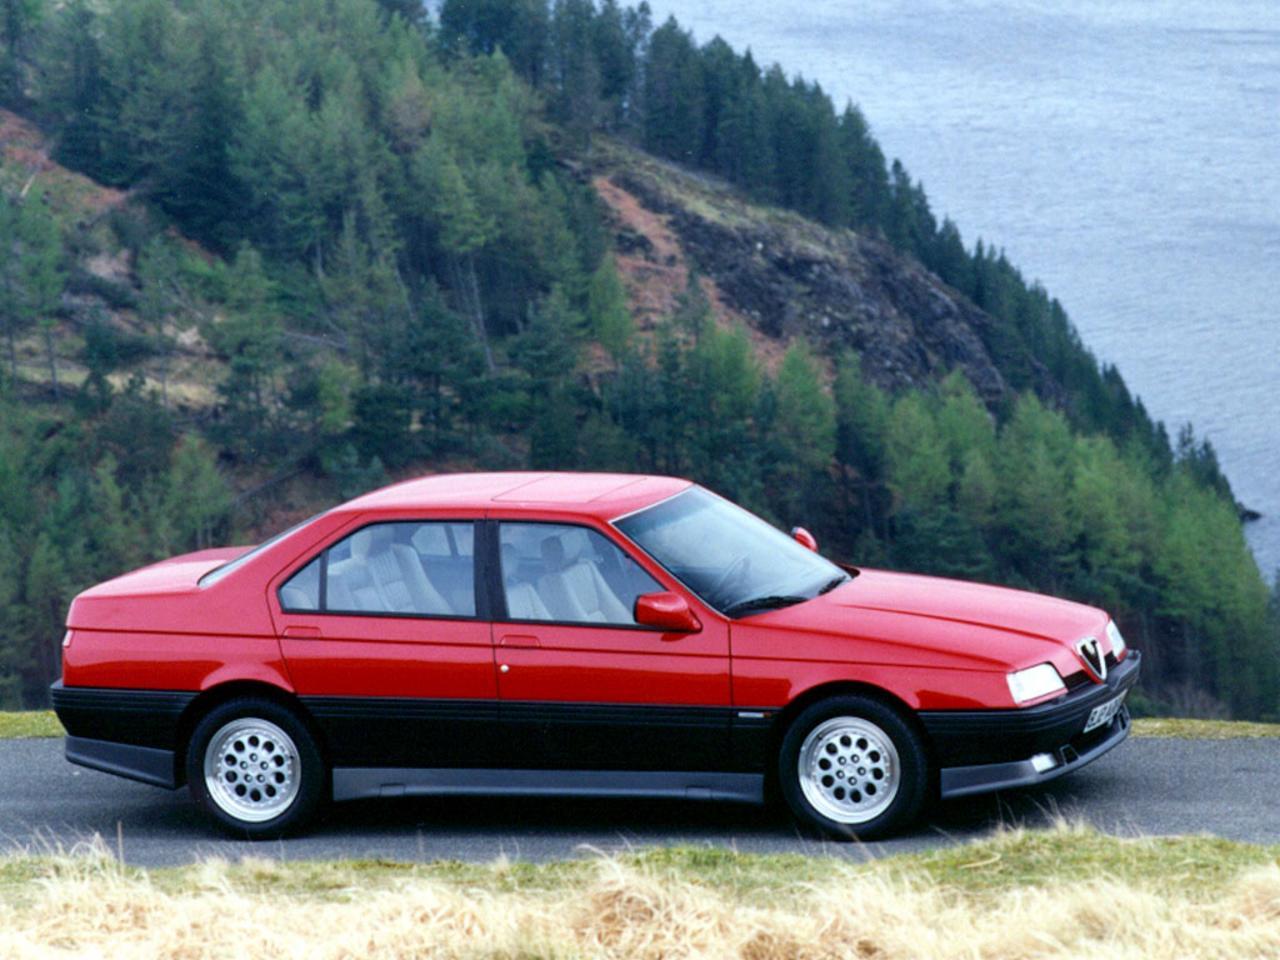 Alfa 164 Q4, den fyrhjulsdrivna och 24-ventilade varianten av toppmodellen Quadrifoglio. Premiär 1993. Iögonfallande kjolpaket och superhäftiga fälgar. Snabb!